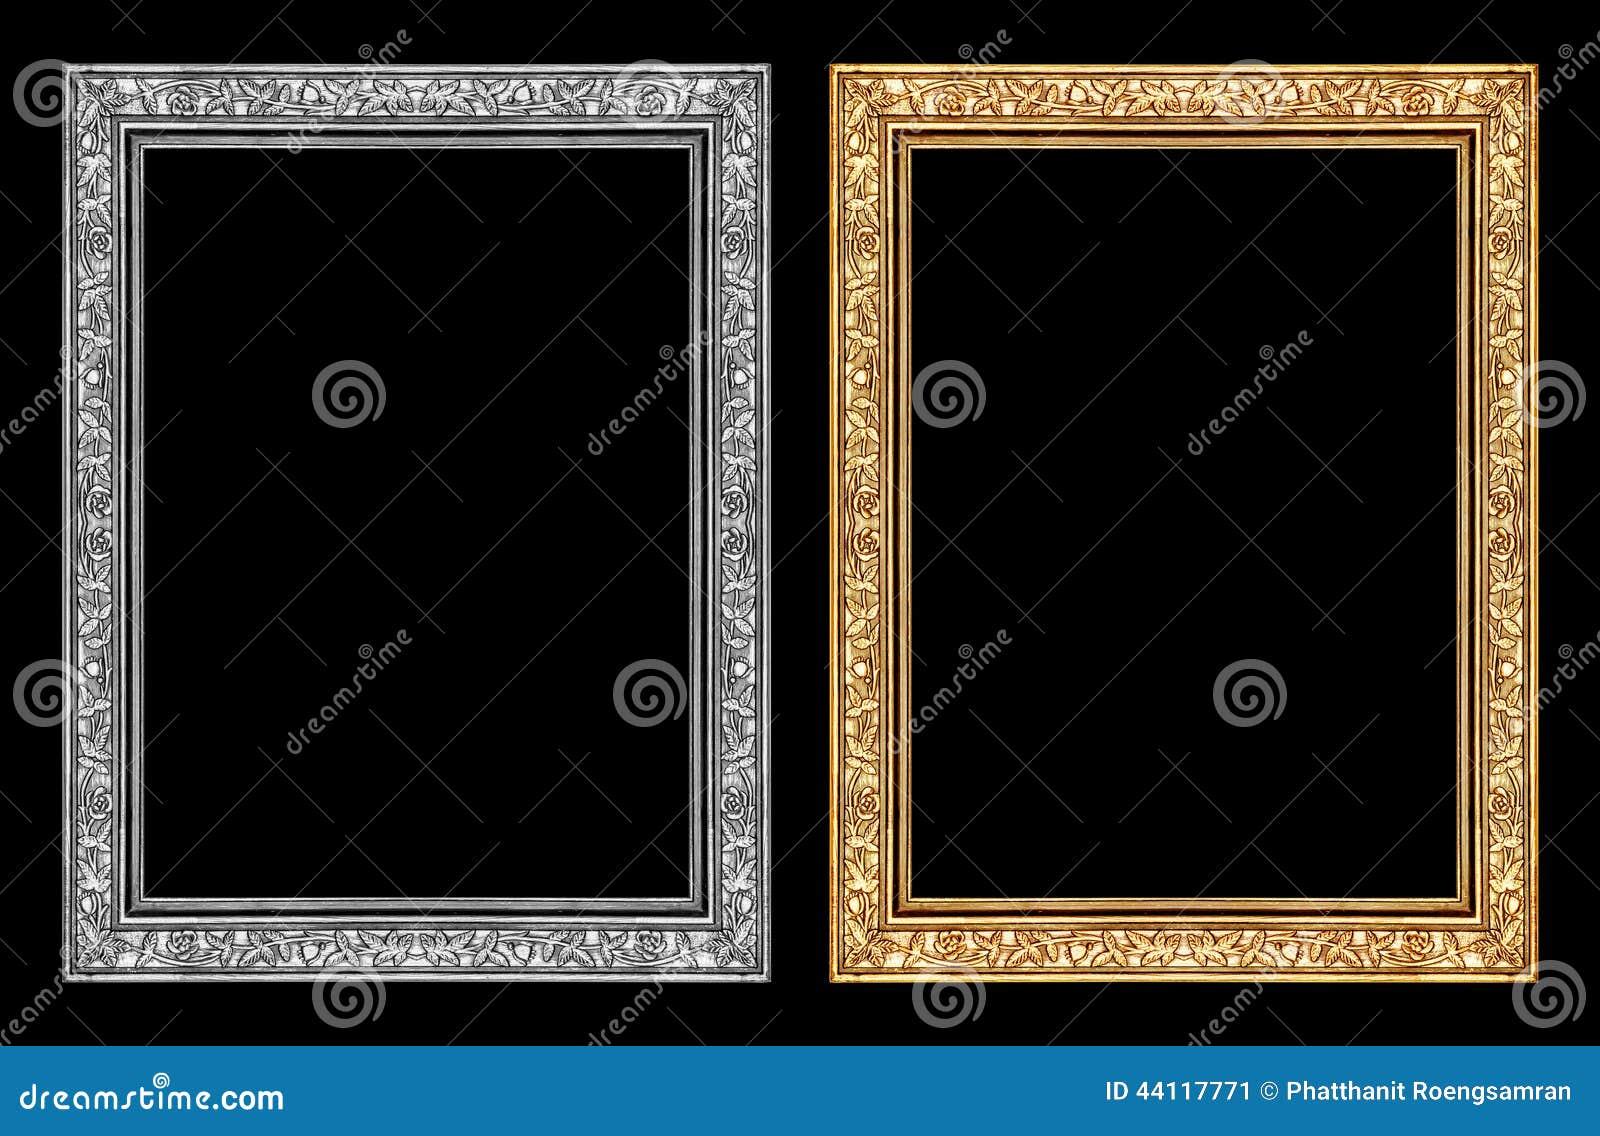 Perfecto Marcos De Fotos 4x6 Negro Viñeta - Ideas Personalizadas de ...